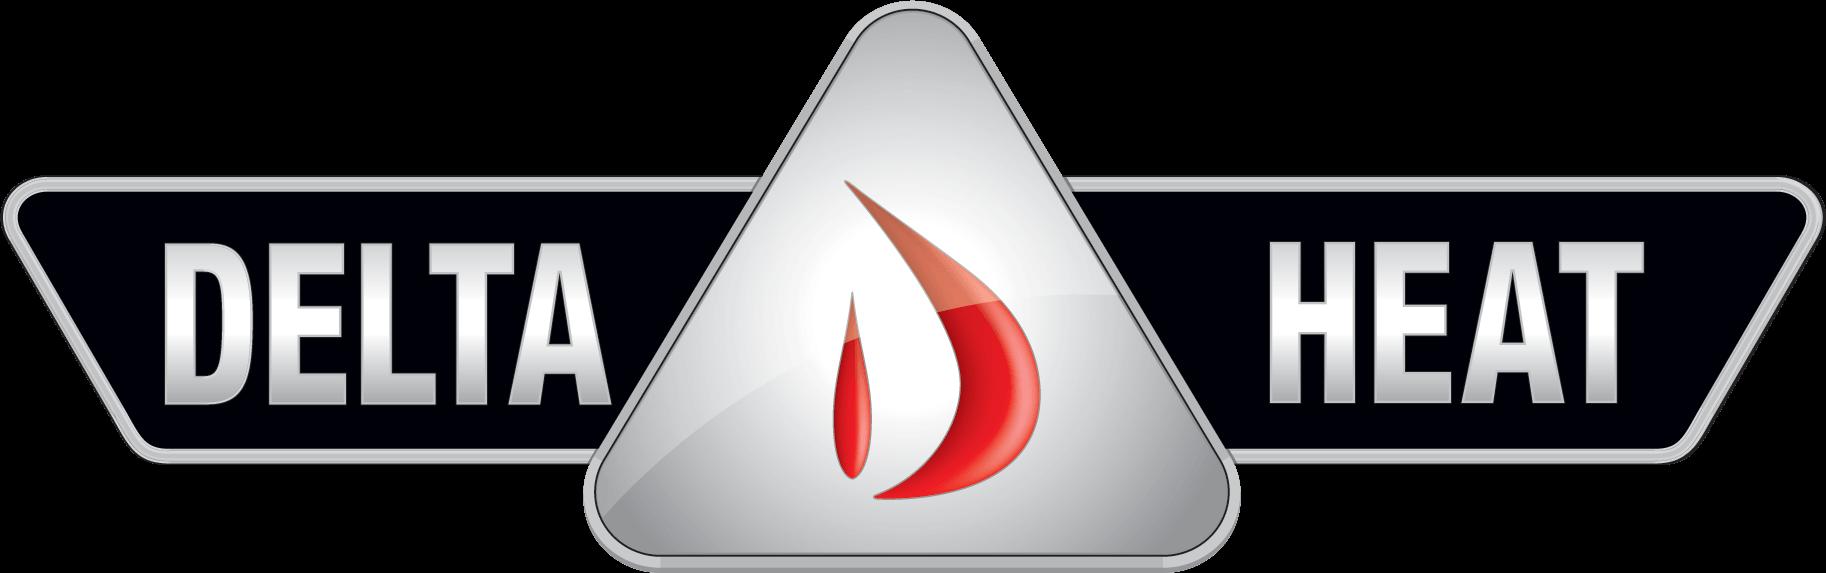 Delta Heat Premium Gas Grills